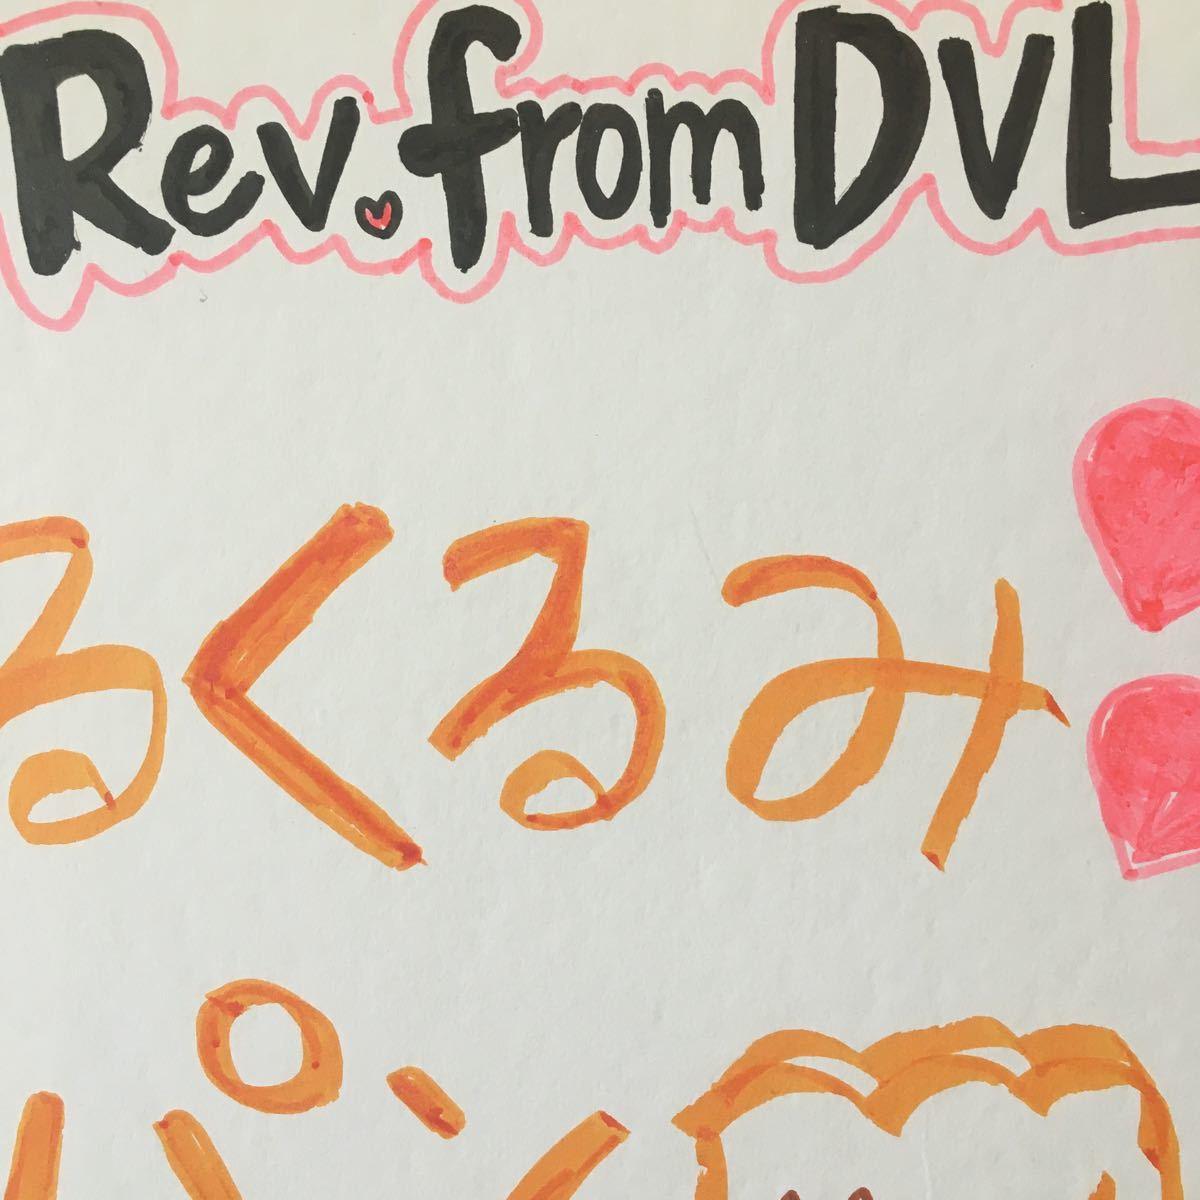 管理番号REV-20200729 Rev.from DVL 四宮なぎさ 秋山美穂 橋下幸奈 直筆サイン入り色紙 当選品 + 4th応募ファンミ橋本環奈 直筆サイン写真_画像7